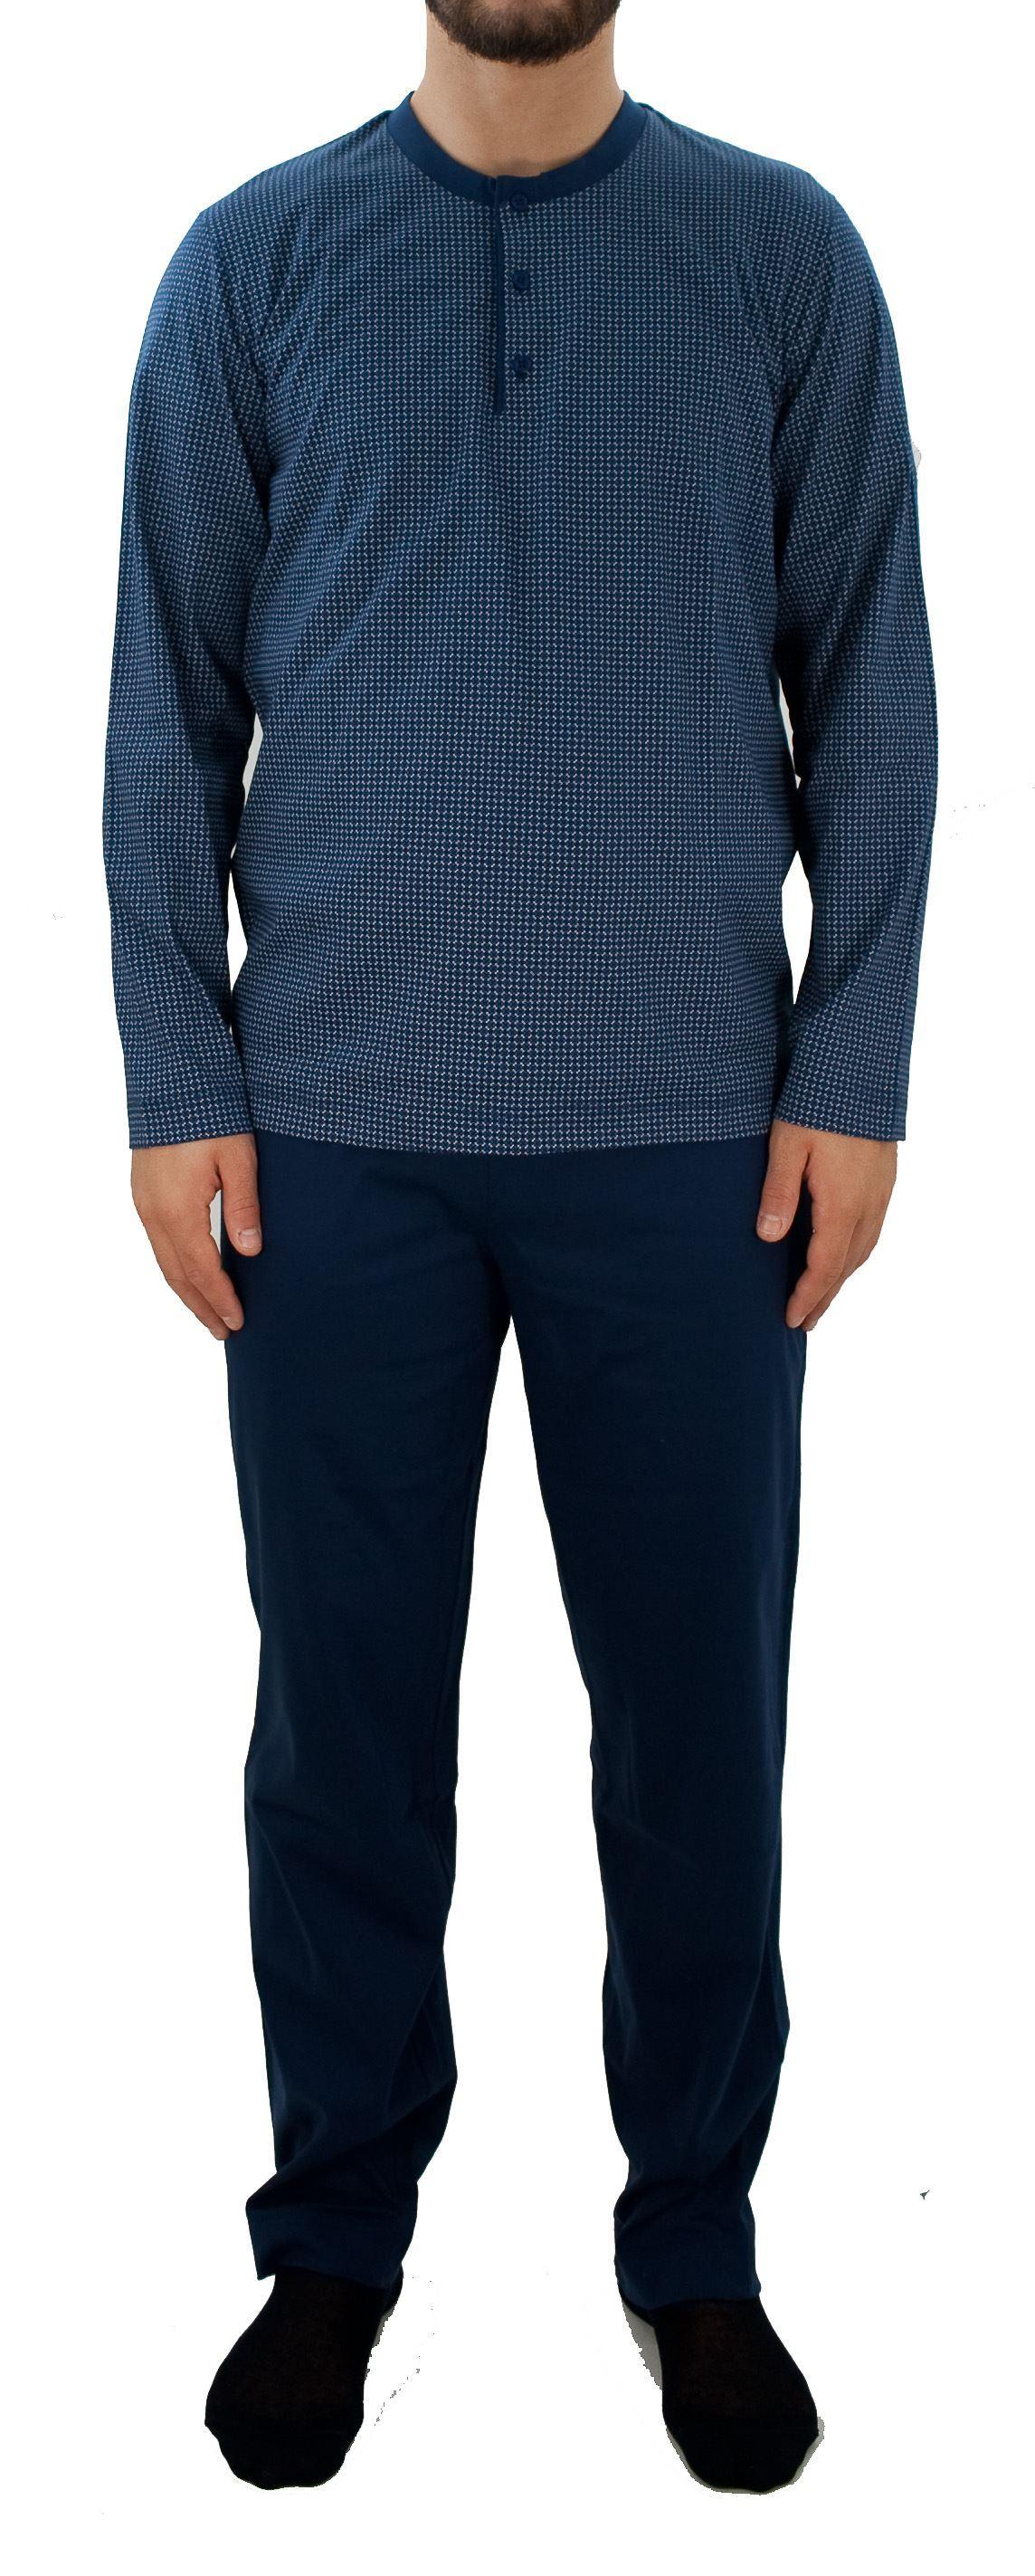 Immagine di Pigiama da uomo cotone jersey